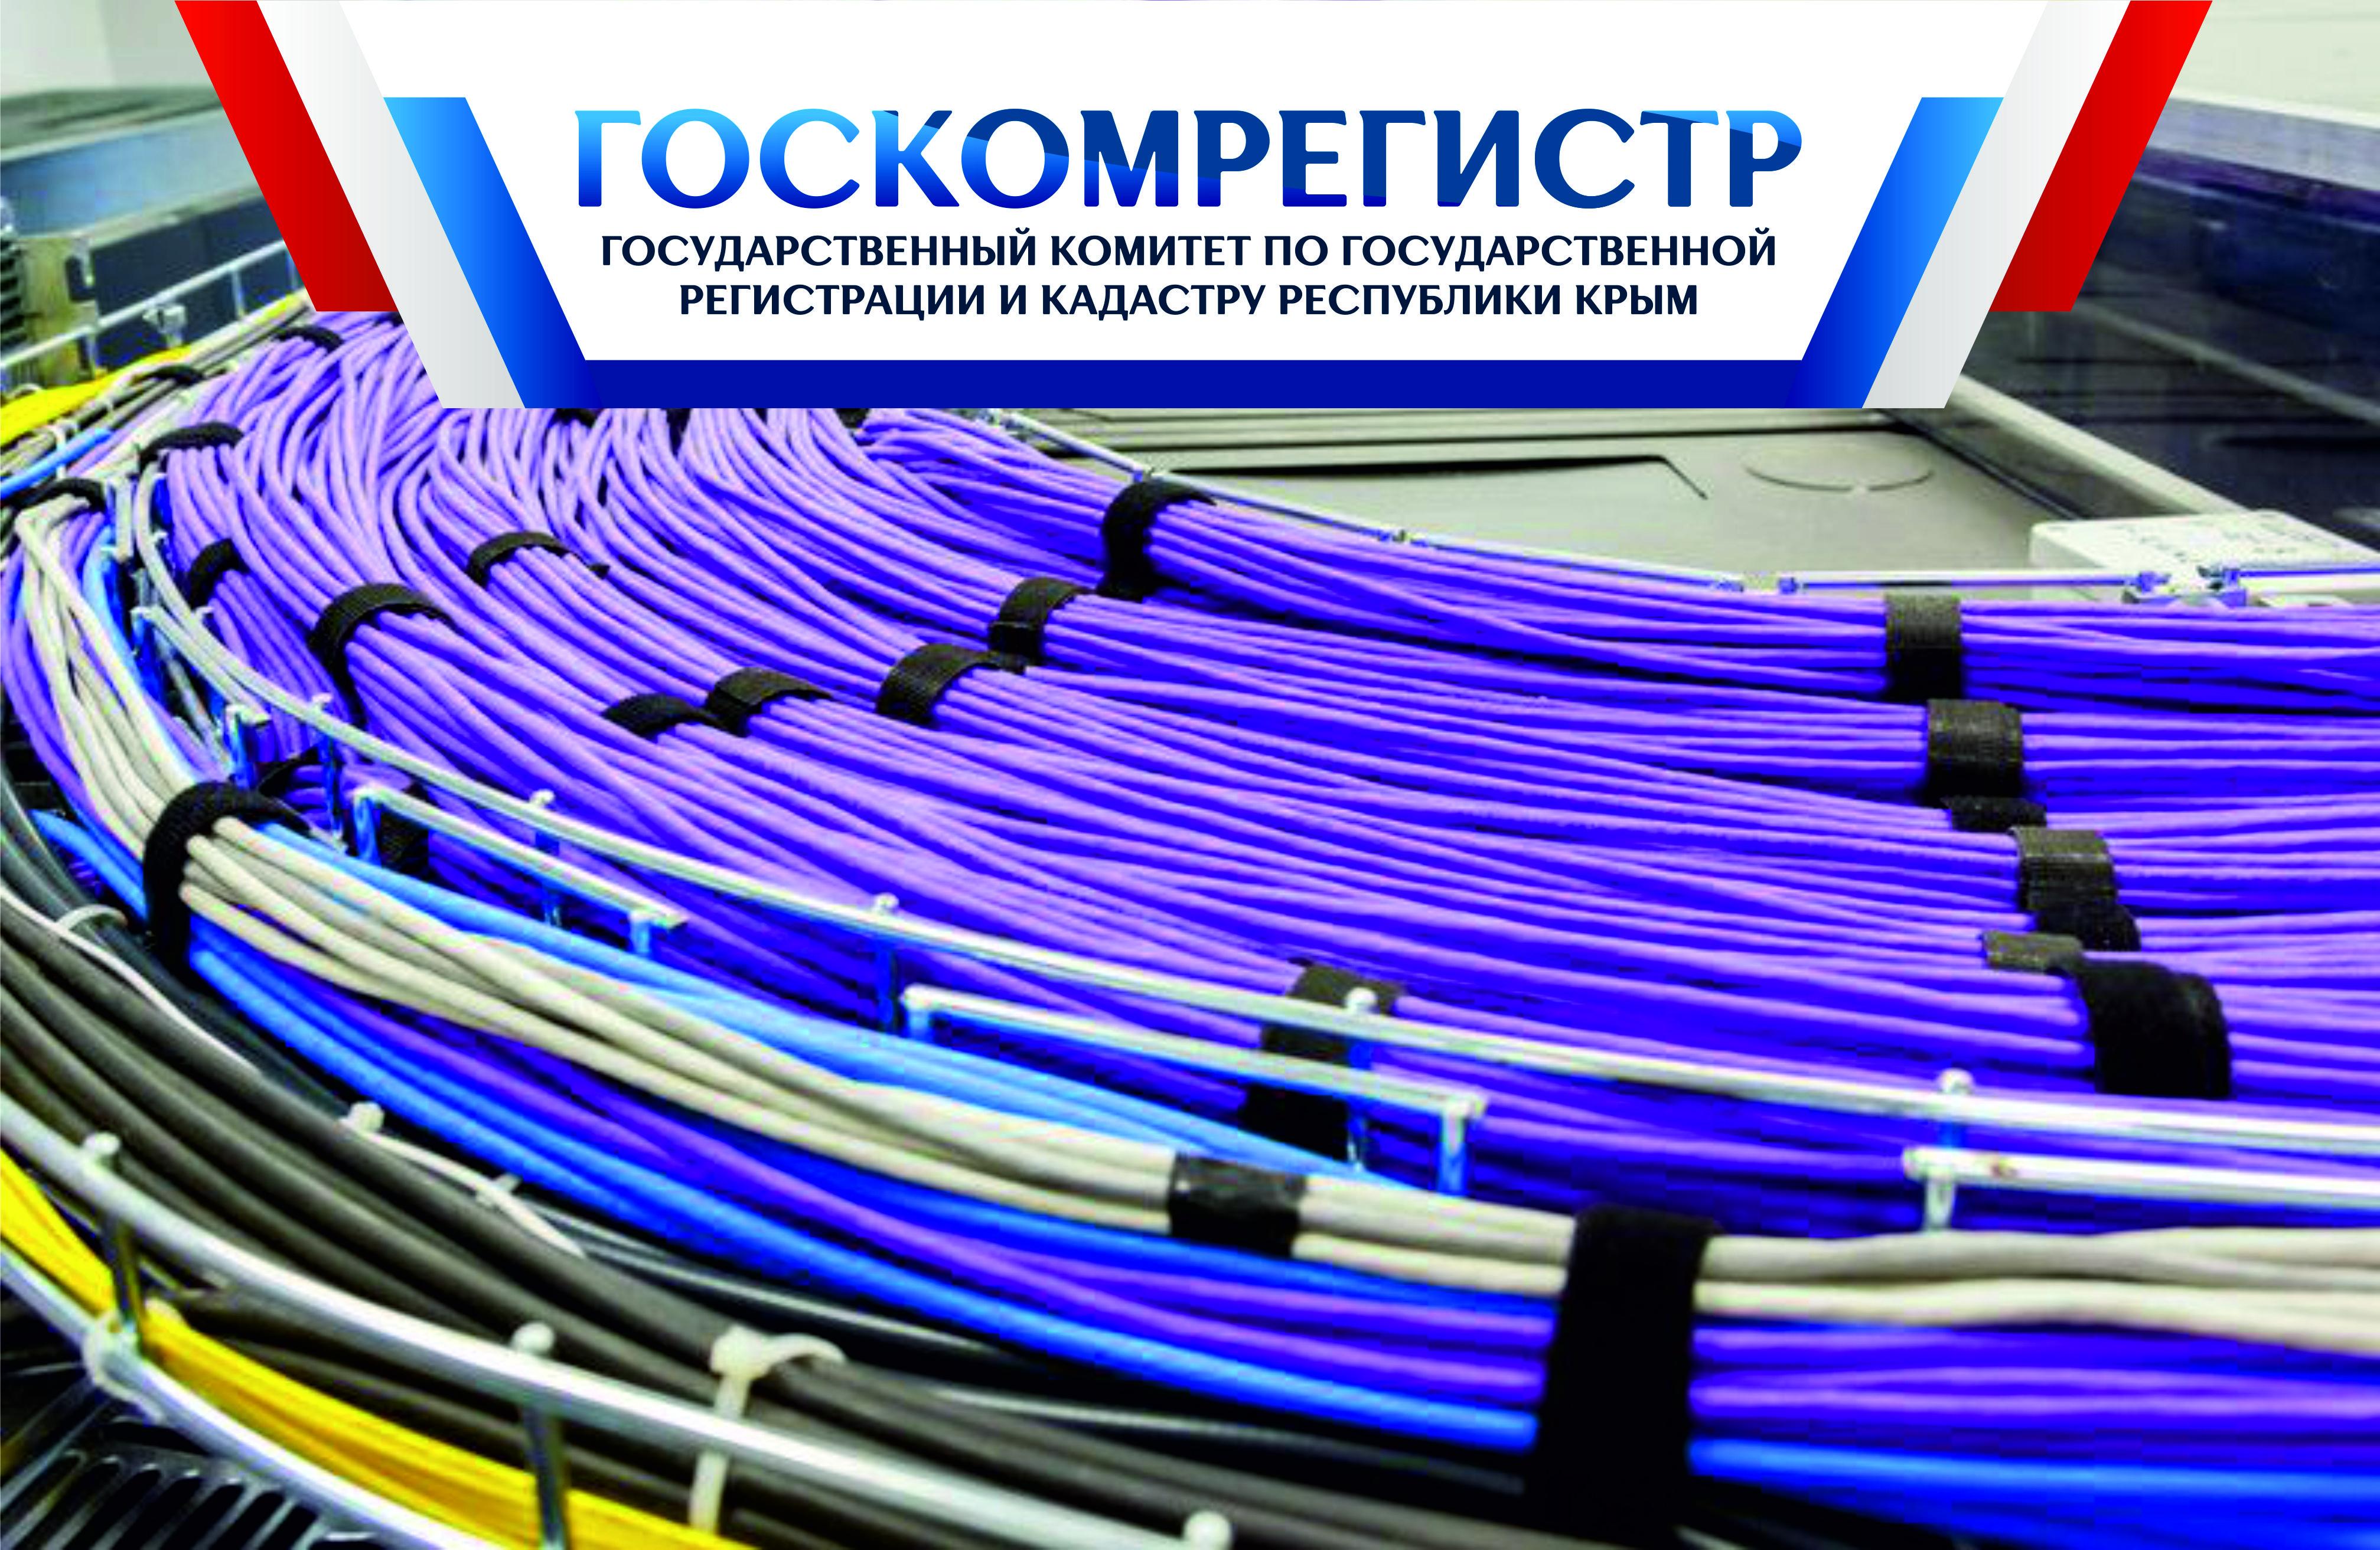 Для бесперебойной работы учетно-регистрационной сферы ИТ, отделом Госкомрегистра, за три года проложено более 120 километров слаботочного кабеля